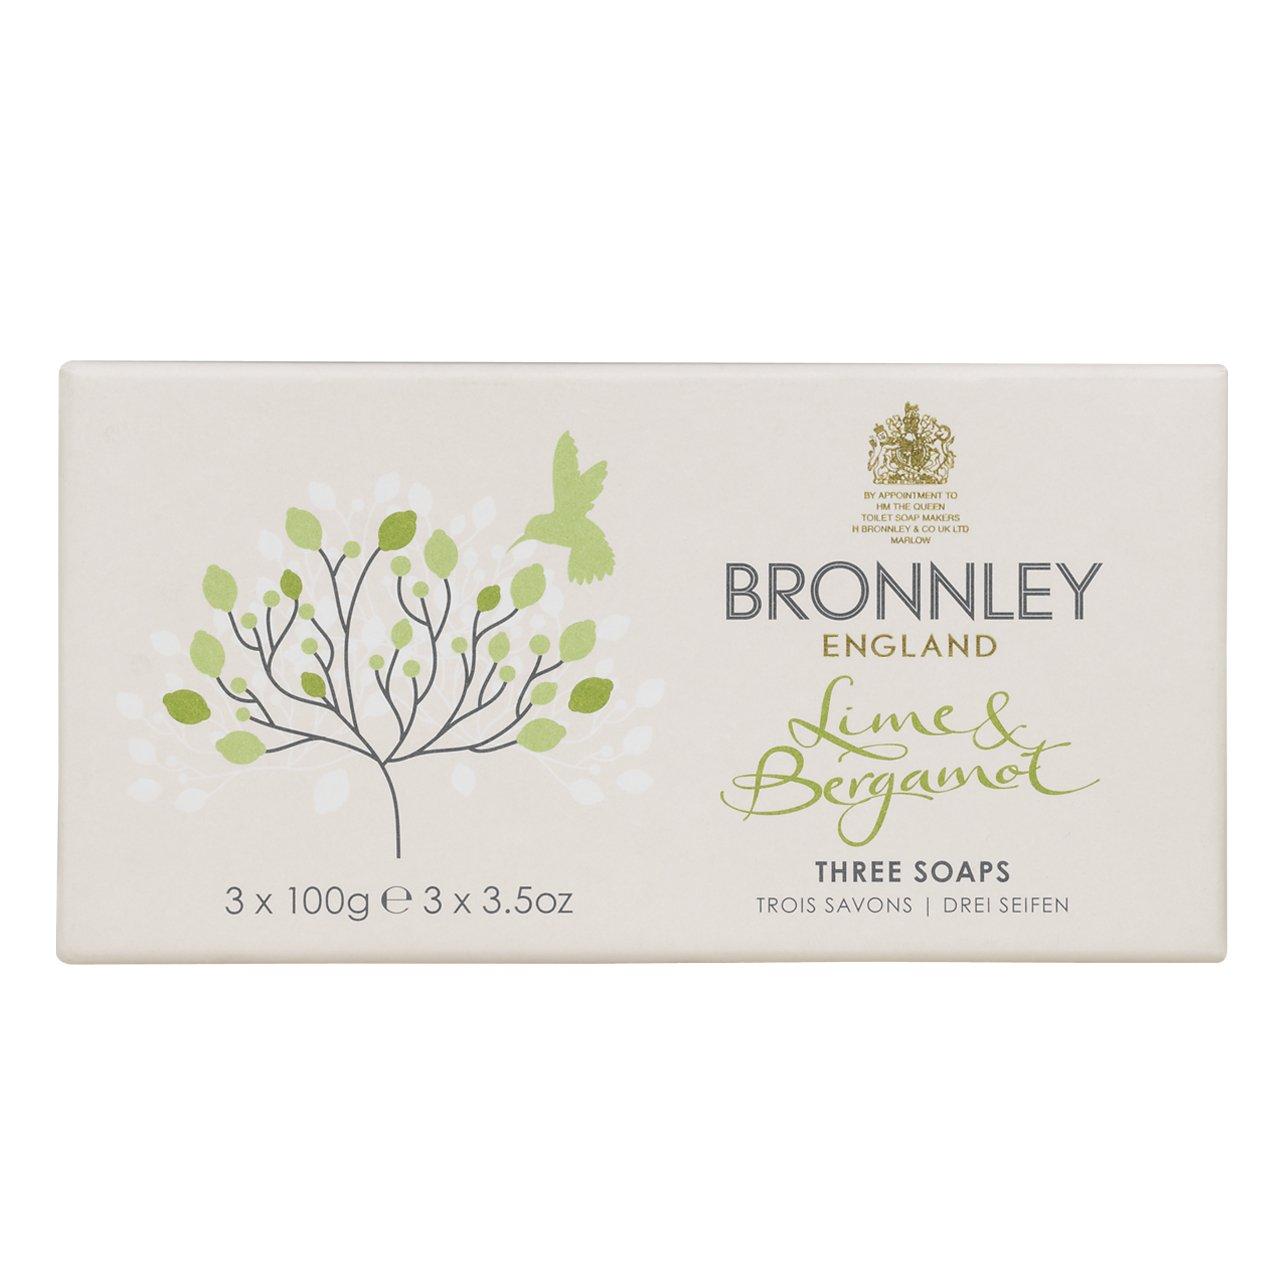 Bronnley Lime & Bergamot Soaps 3 x 100g H. Bronnley & Co. UK Ltd. 253200